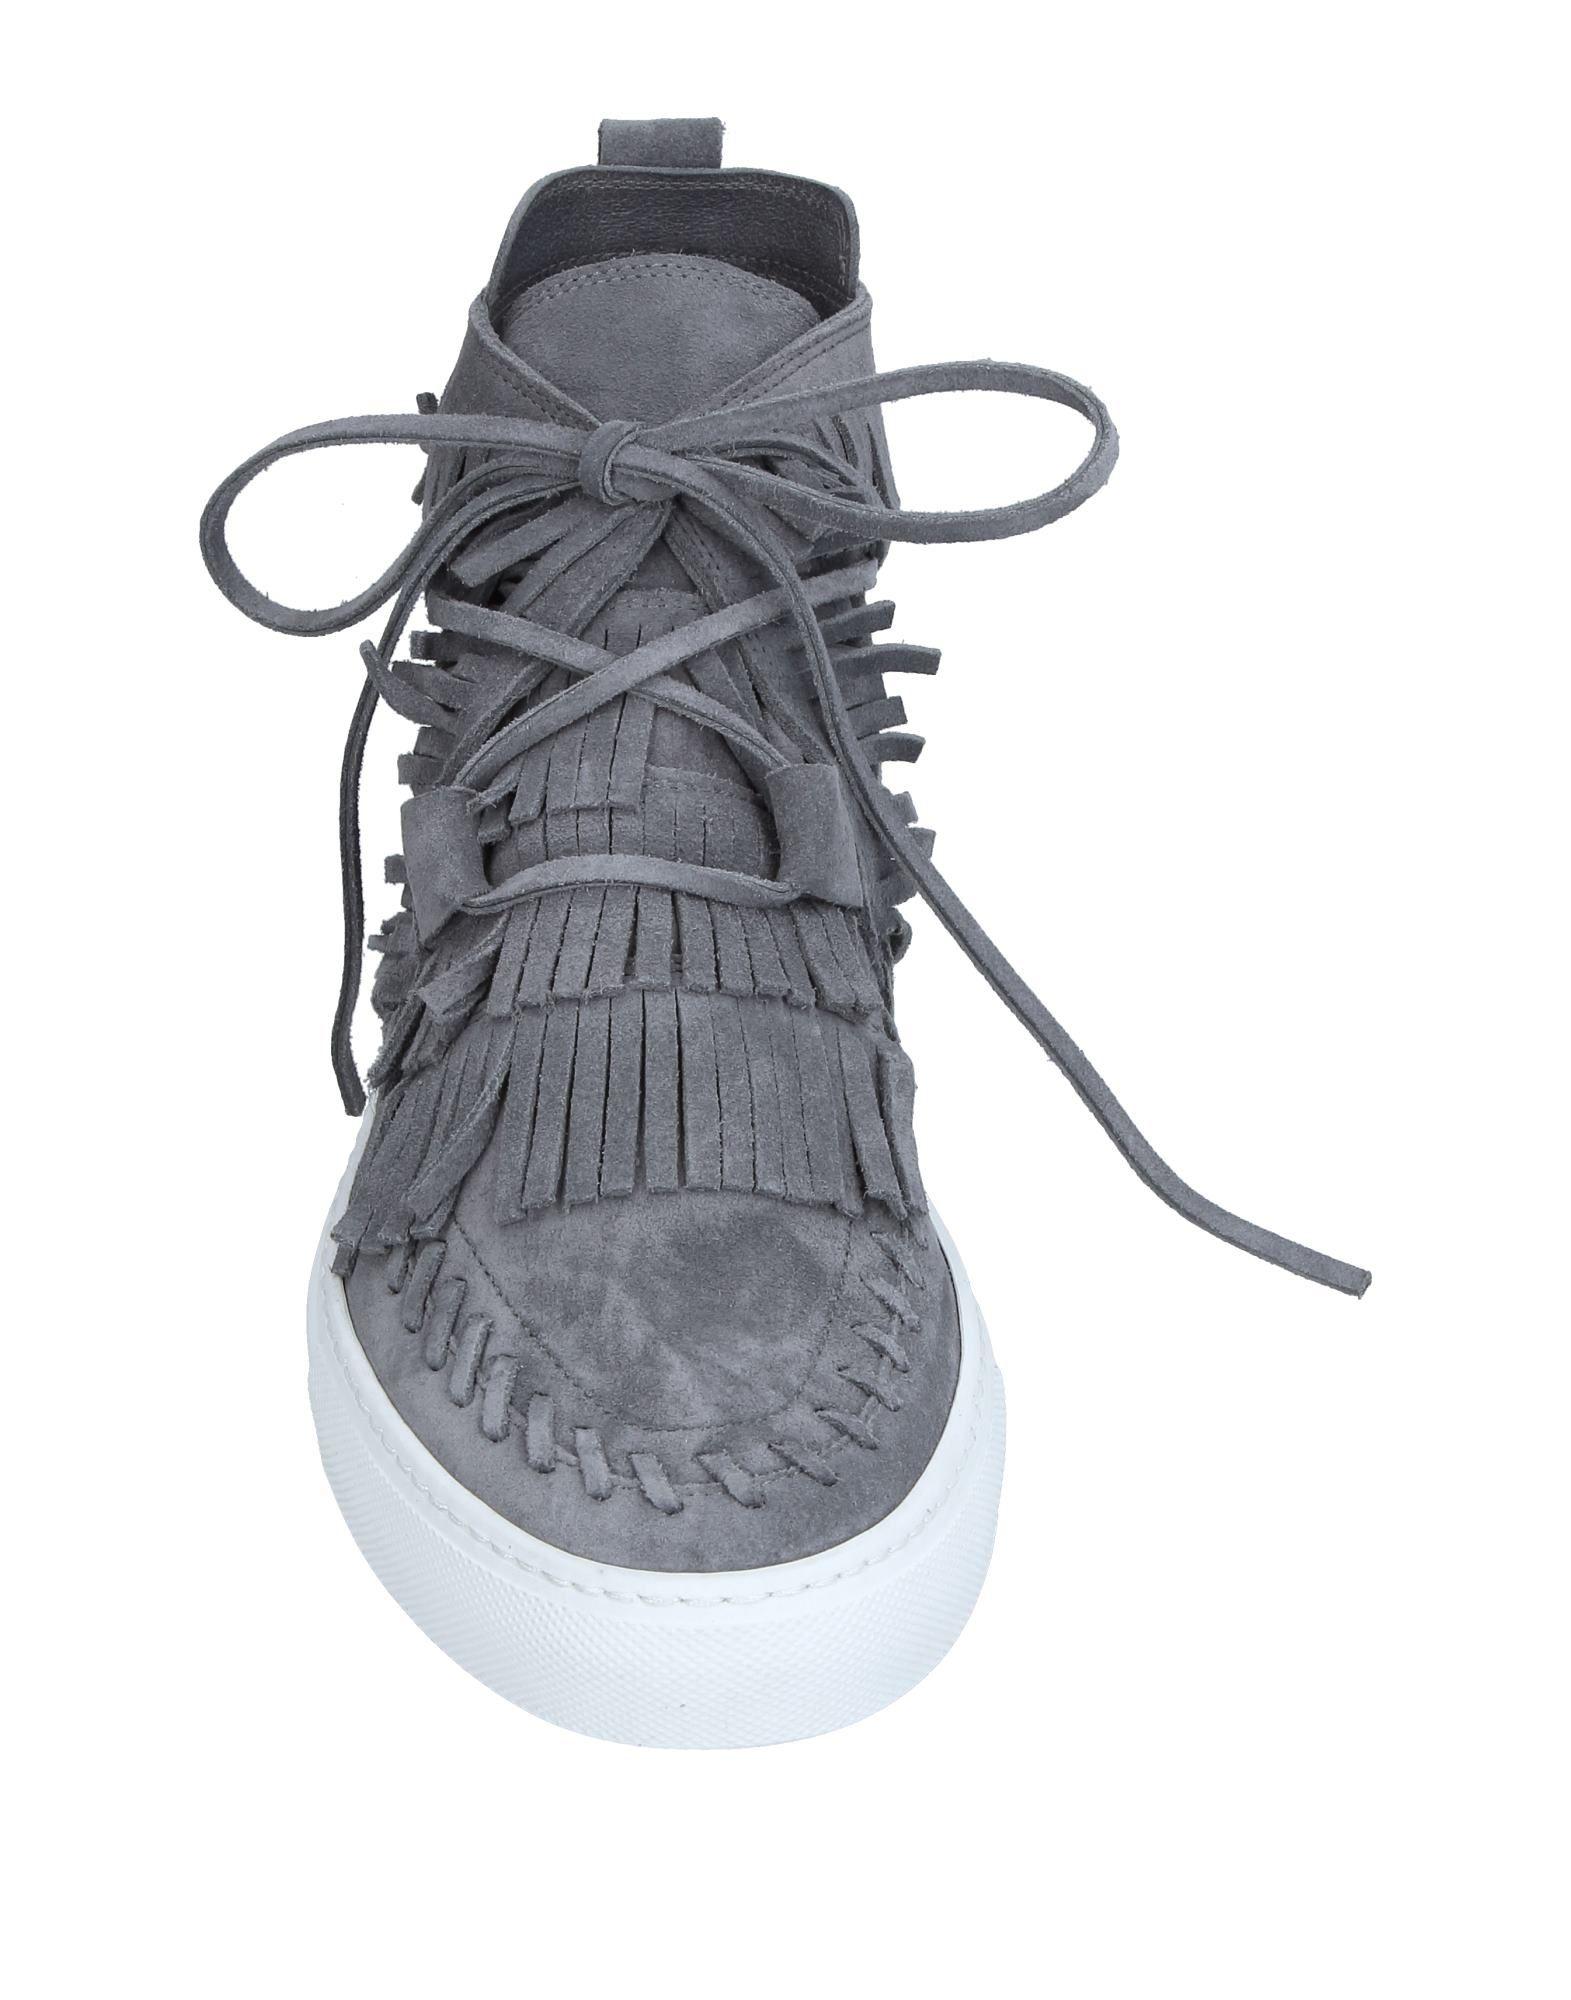 Cesare Casadei Casadei Cesare Sneakers Herren  11321466MR 4221d0